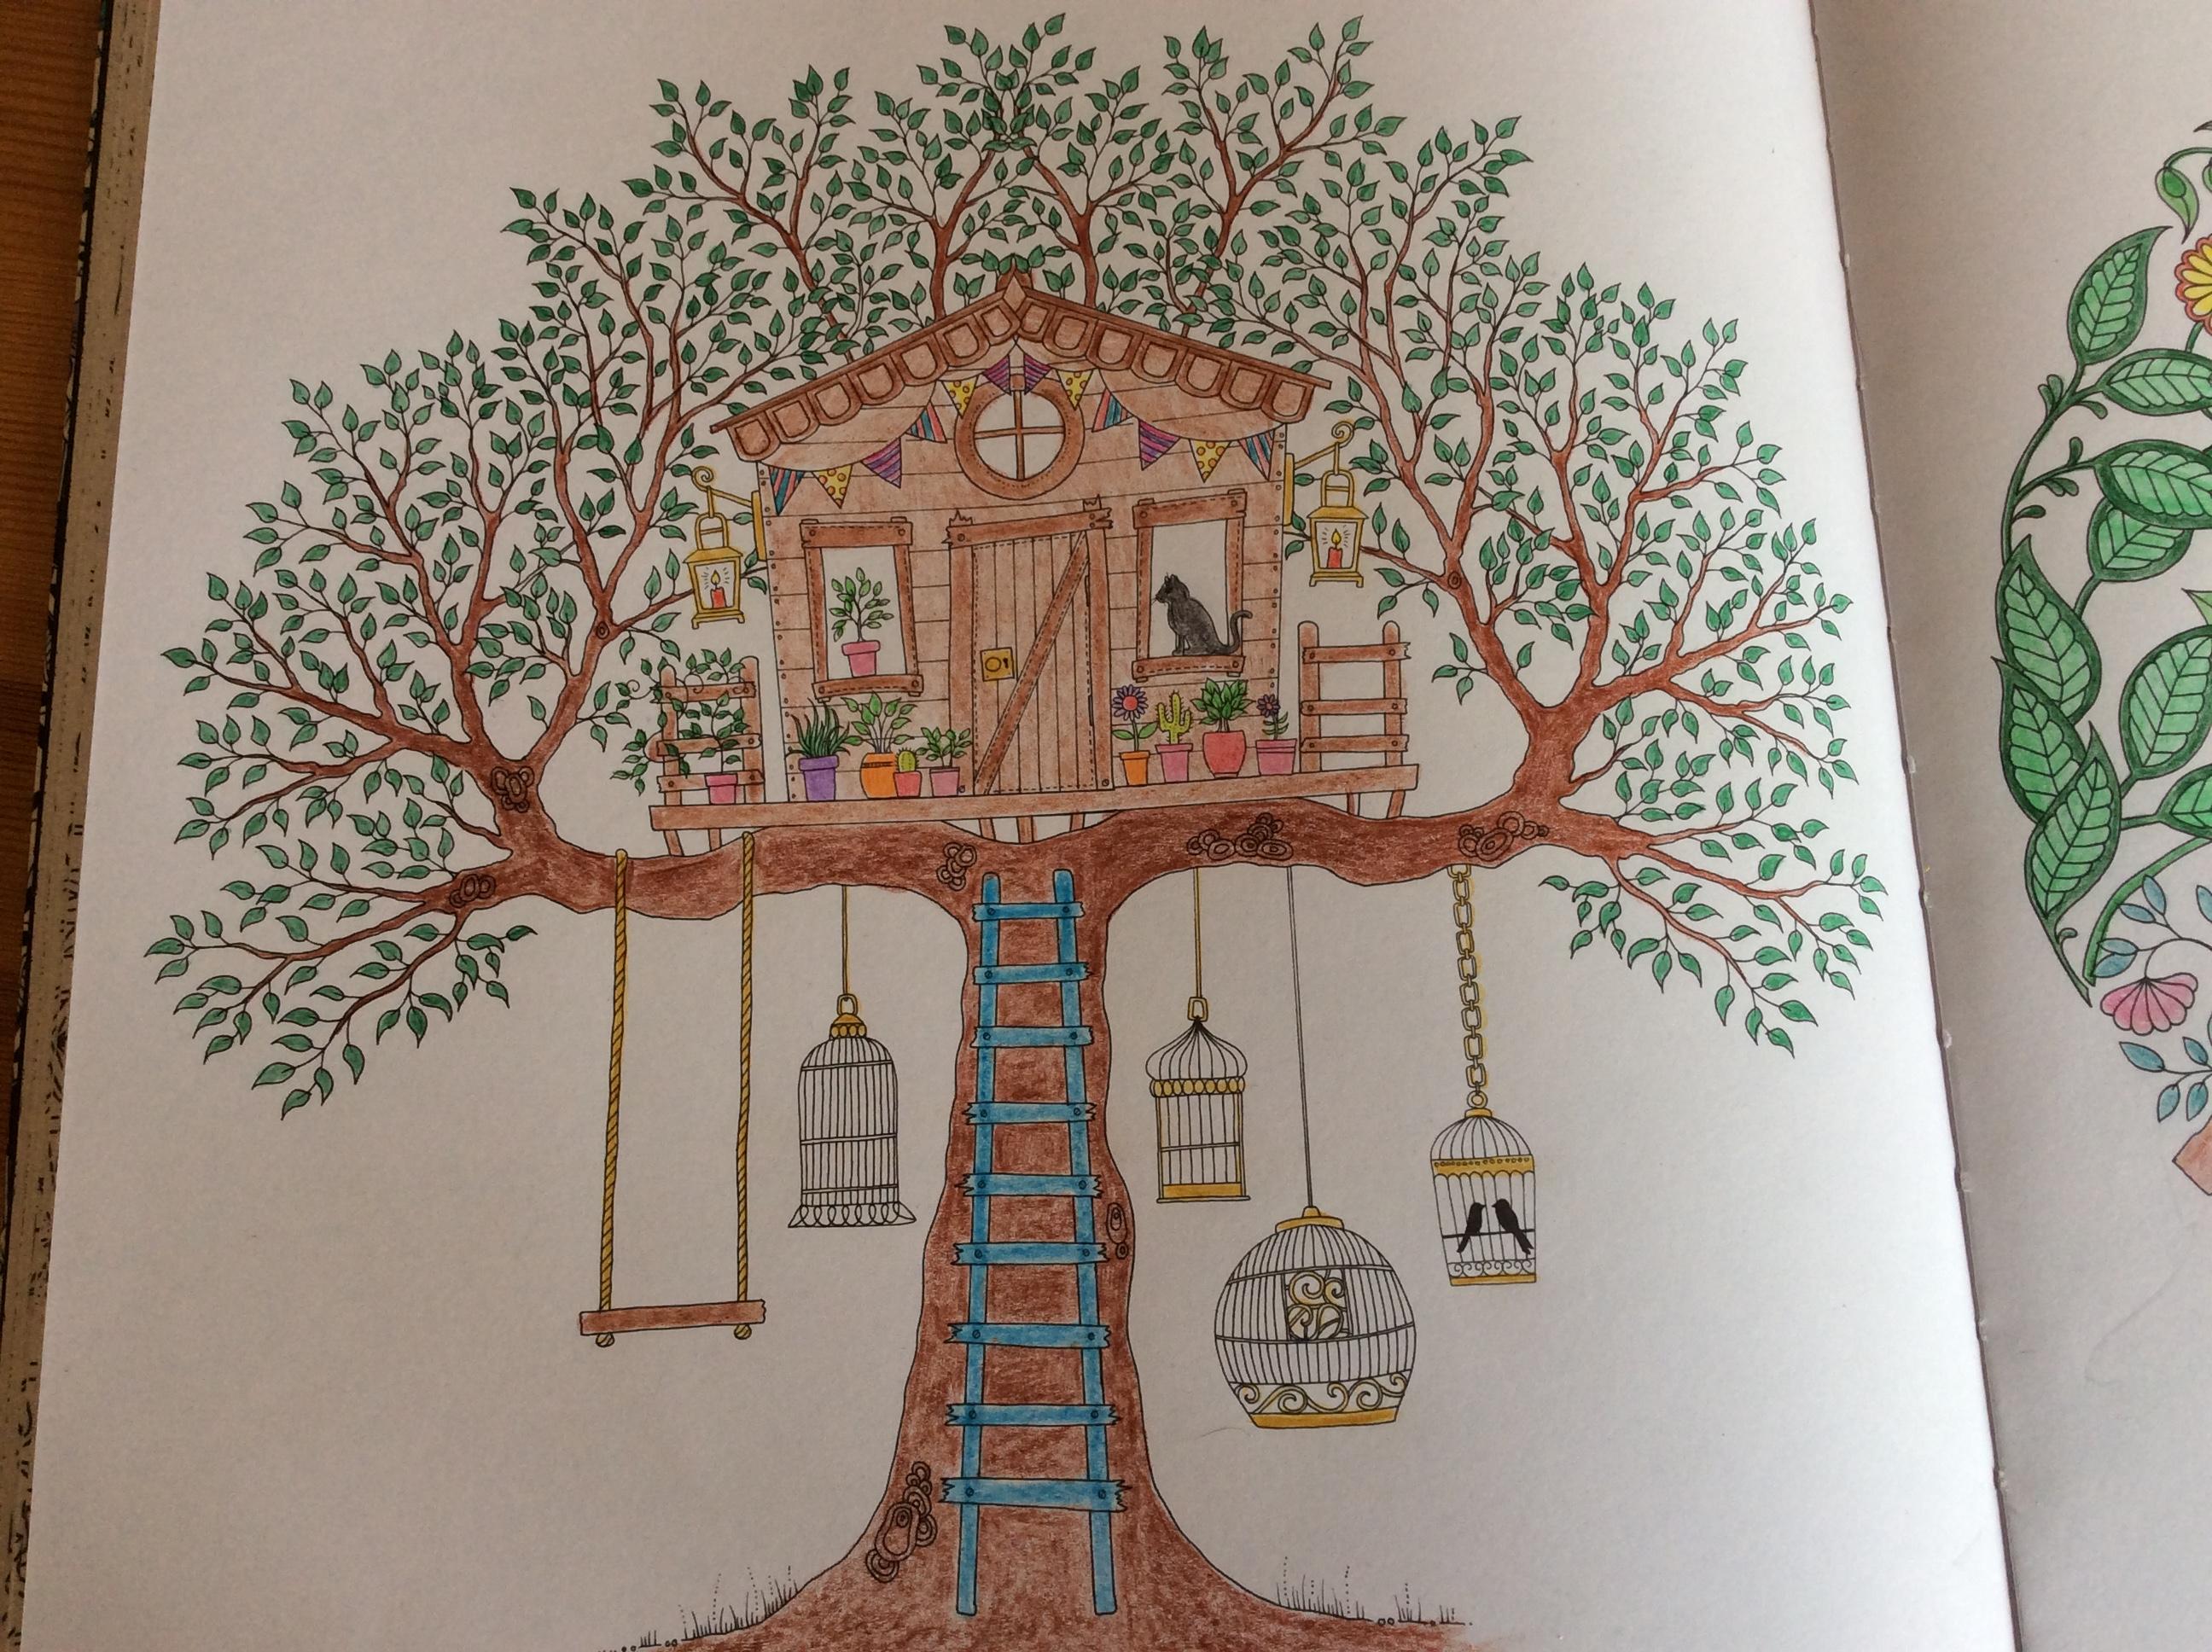 Coloriage Jardin Arbres.Coloriages Et Petites Creations Cabane Dans Un Arbre